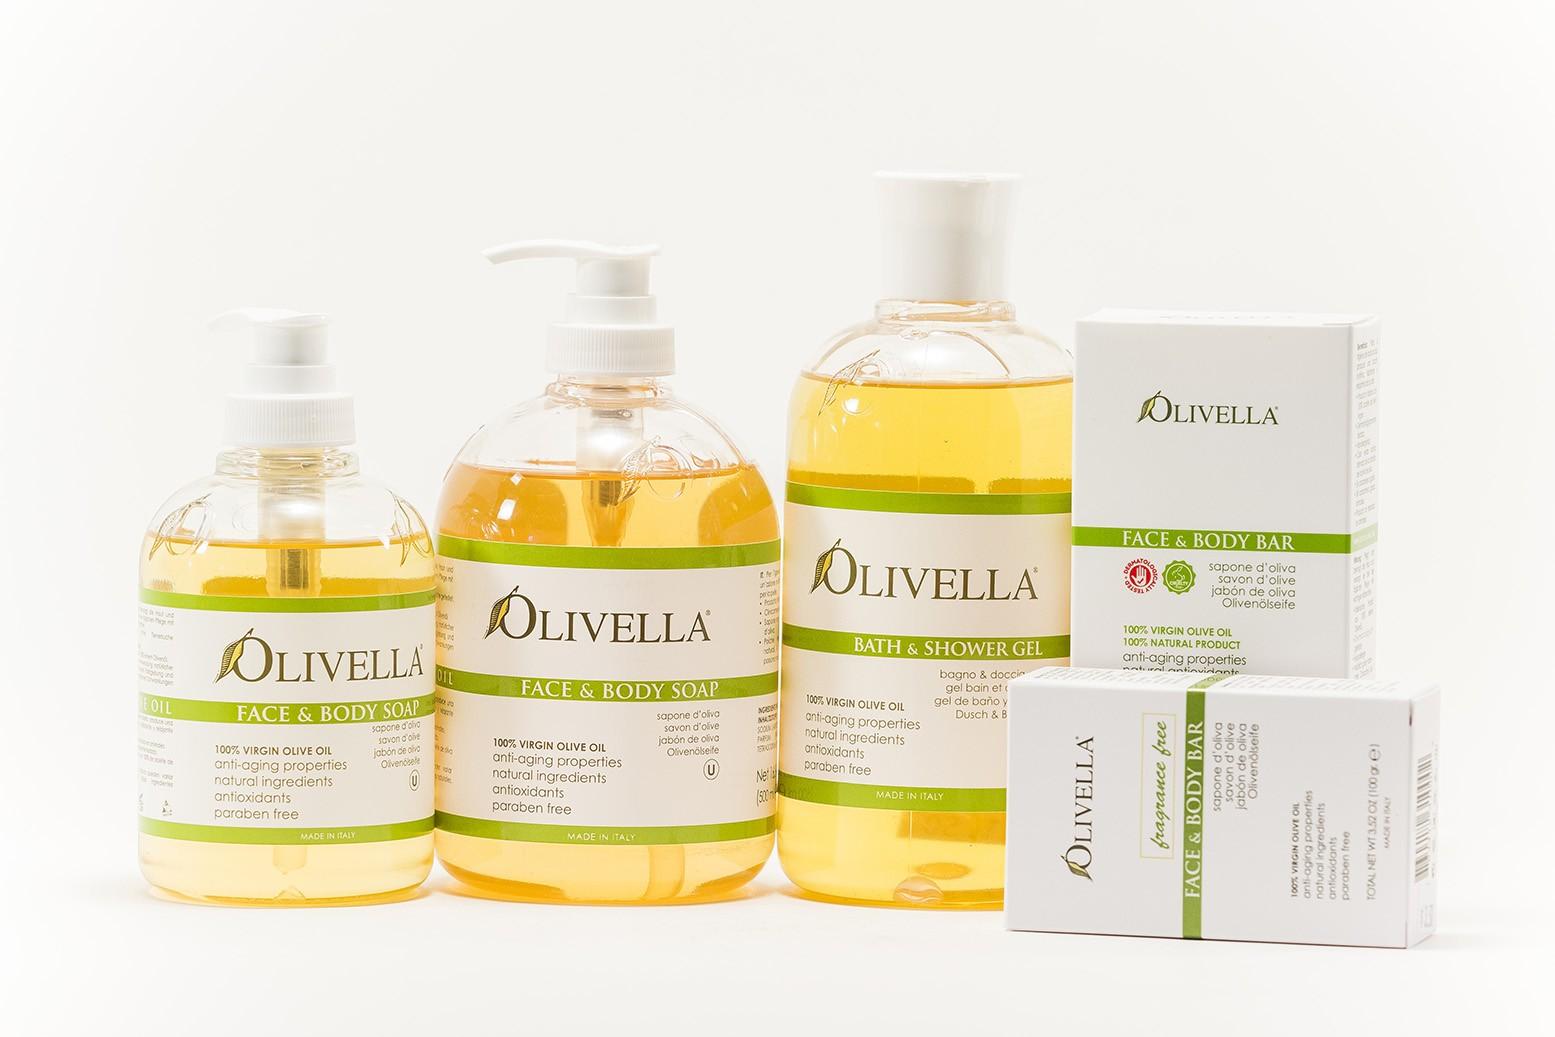 Olivella Face & Body Bar